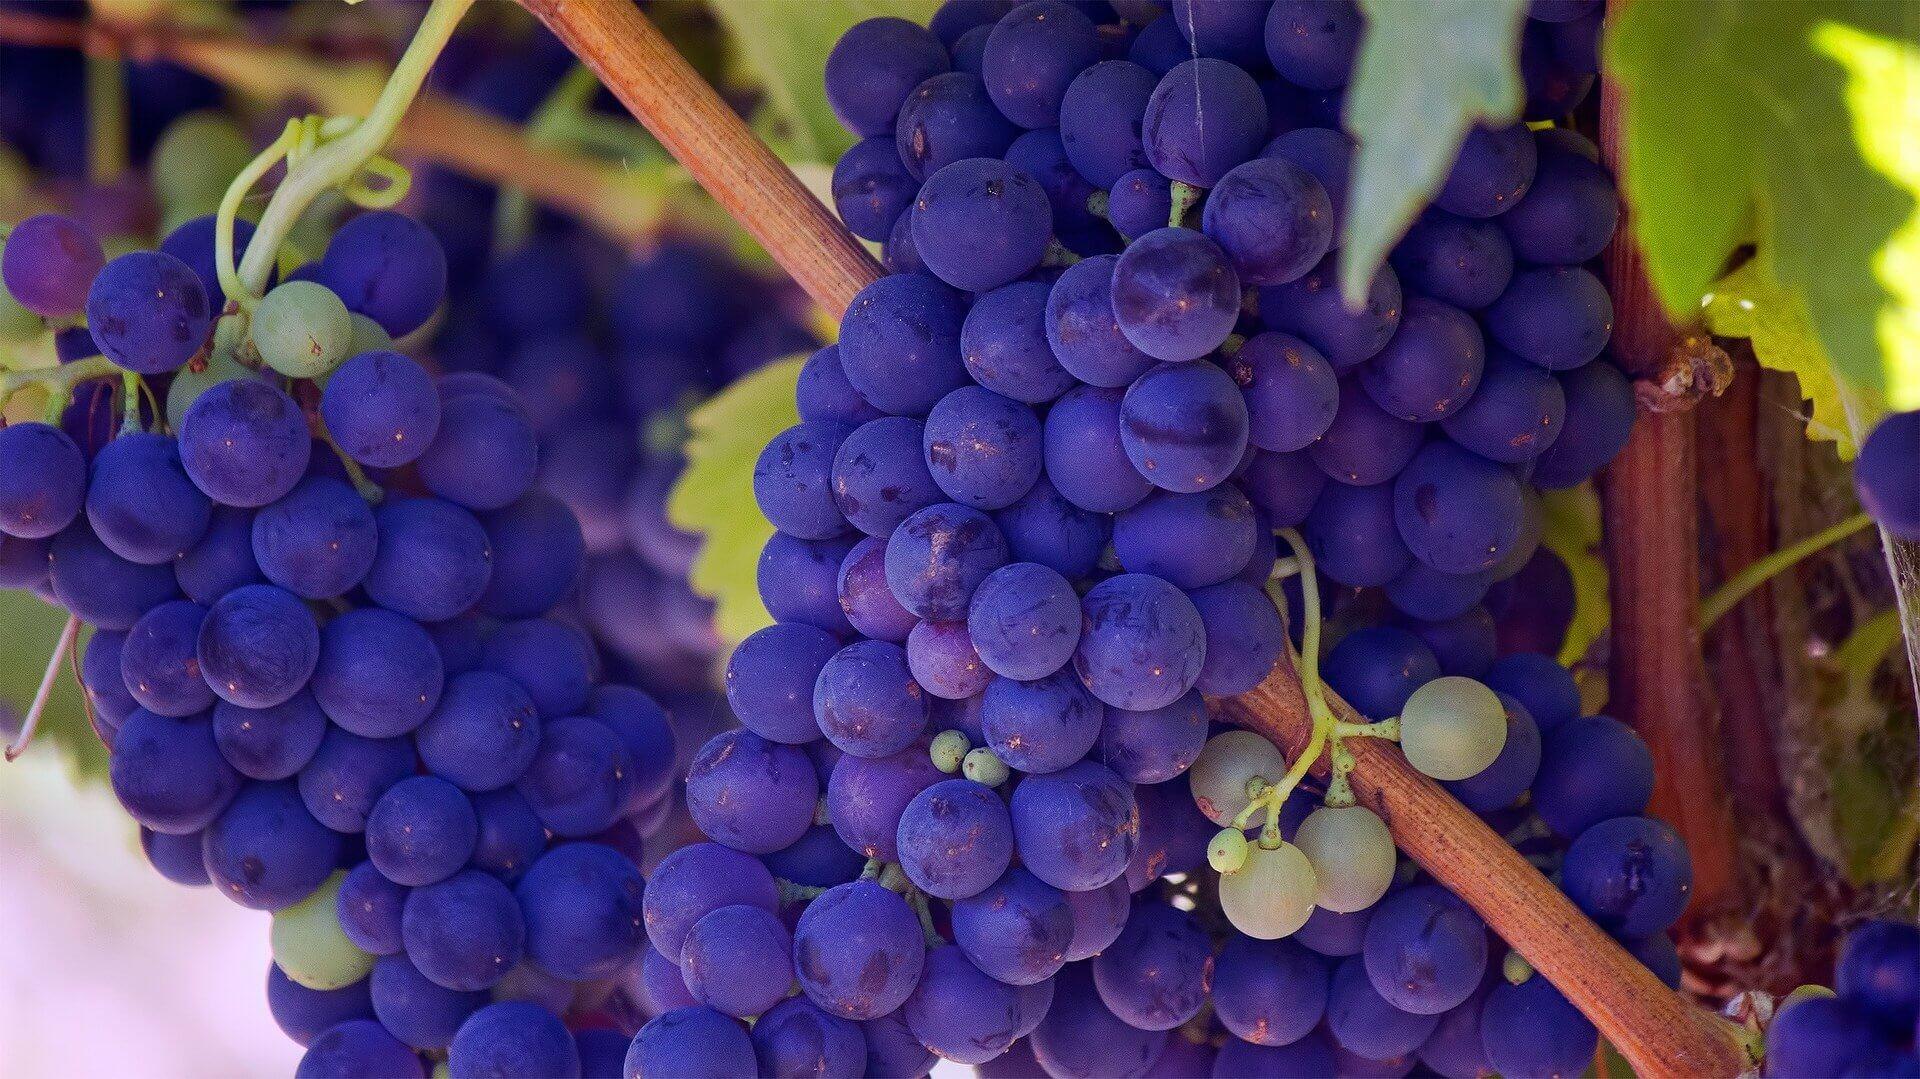 Dalle mele ai melograni: i benefici della frutta autunnale